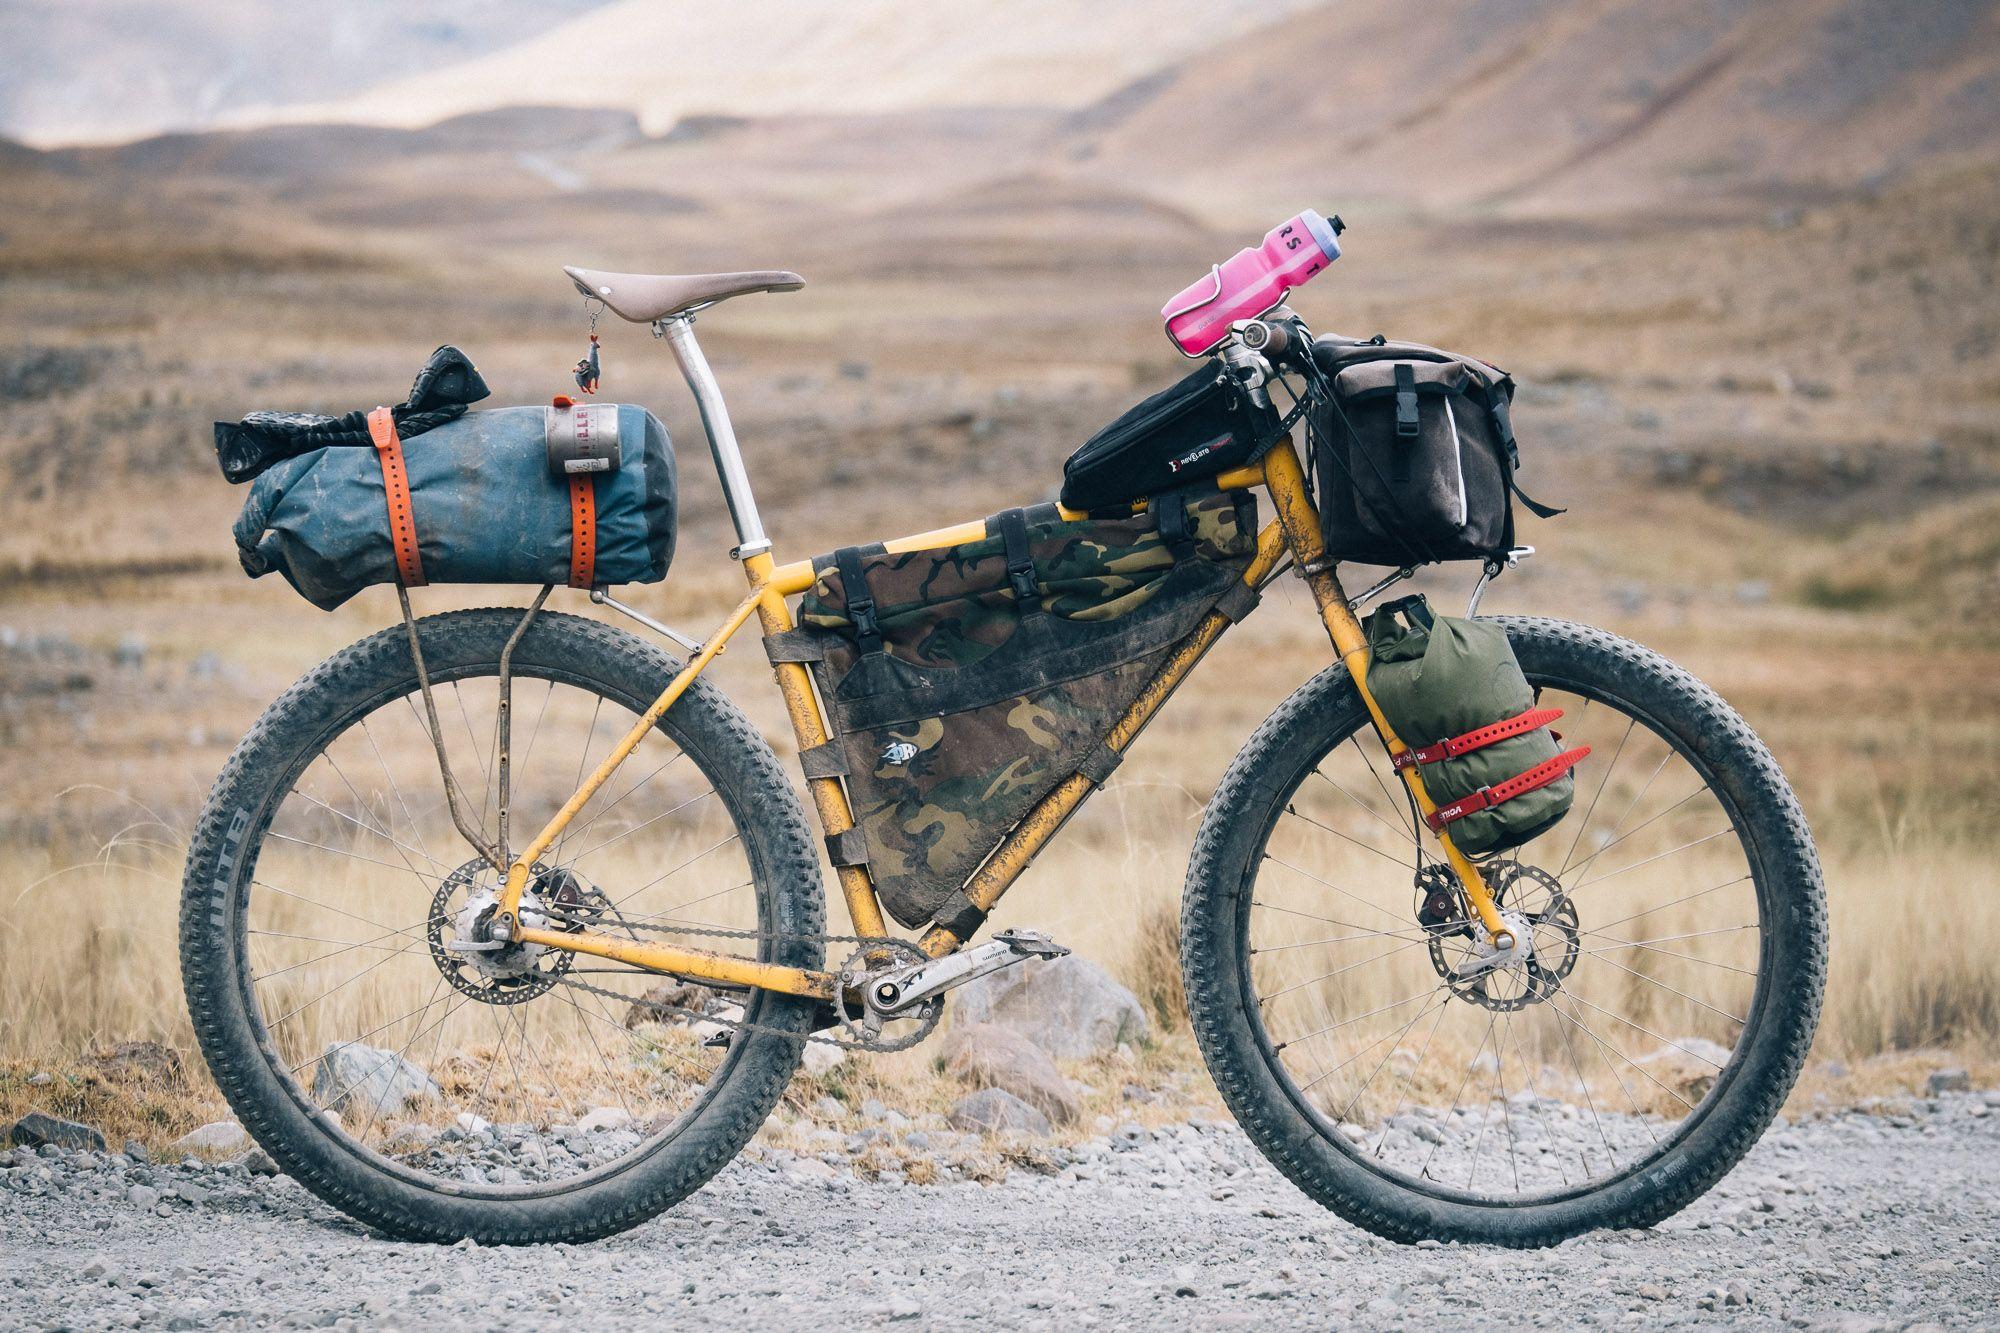 Bikes Tumbleweed Bicycle Co Bike Camping Bicycle Bike